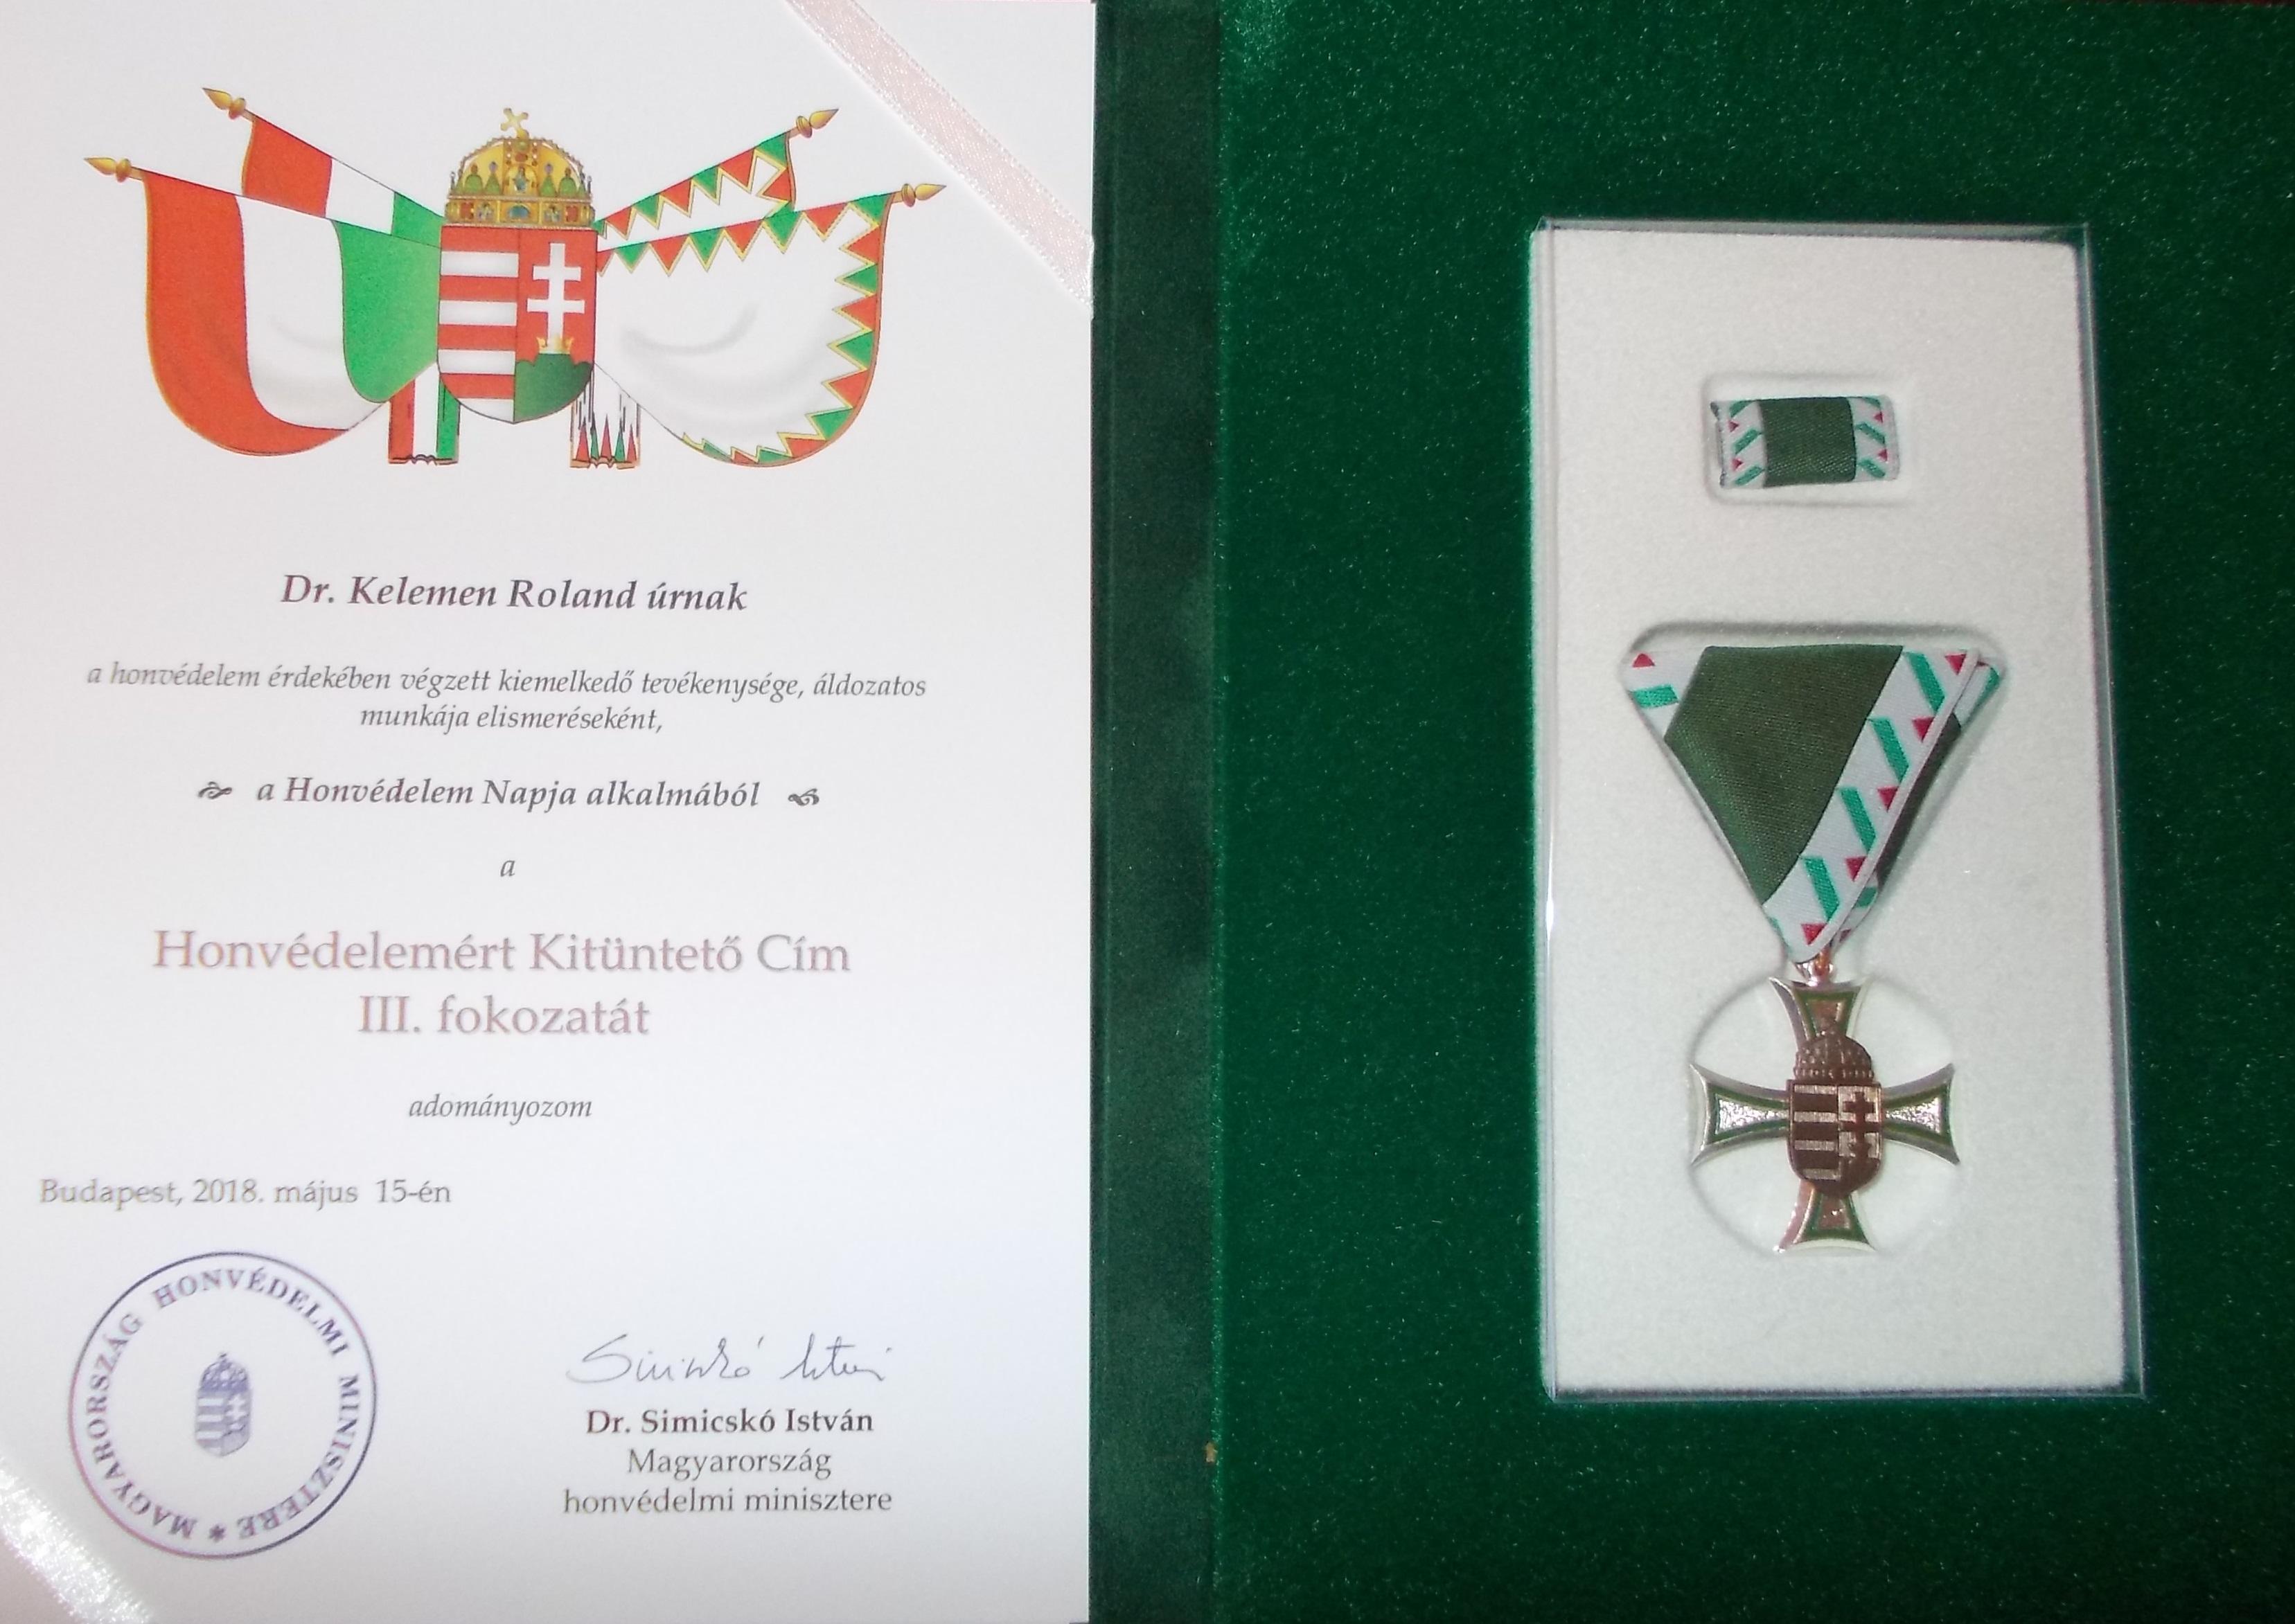 Karunk oktatójának elismerése - Honvédelemért Kitüntető Cím III. fokozat